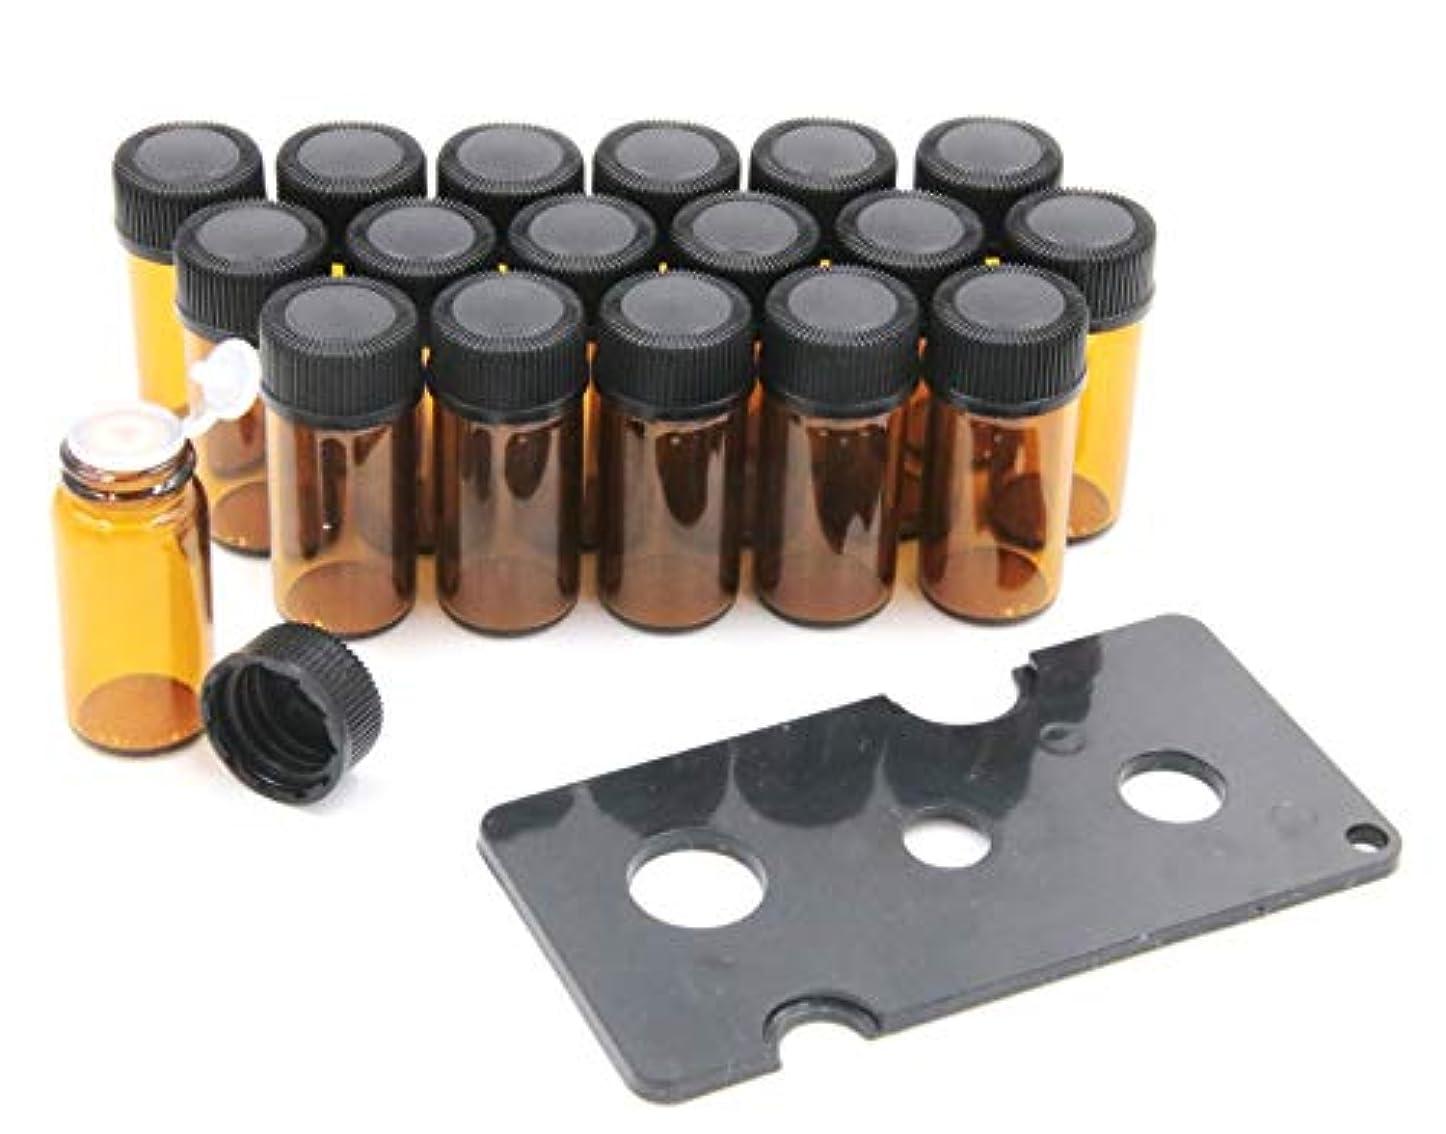 ダイエットビジョンサミュエルXPdesign アロマ 小分け遮光瓶 アロマオイル 遮光瓶 保存 容器 詰め替え 香水 ボトル 耐熱ガラス (3ml 18本セット)